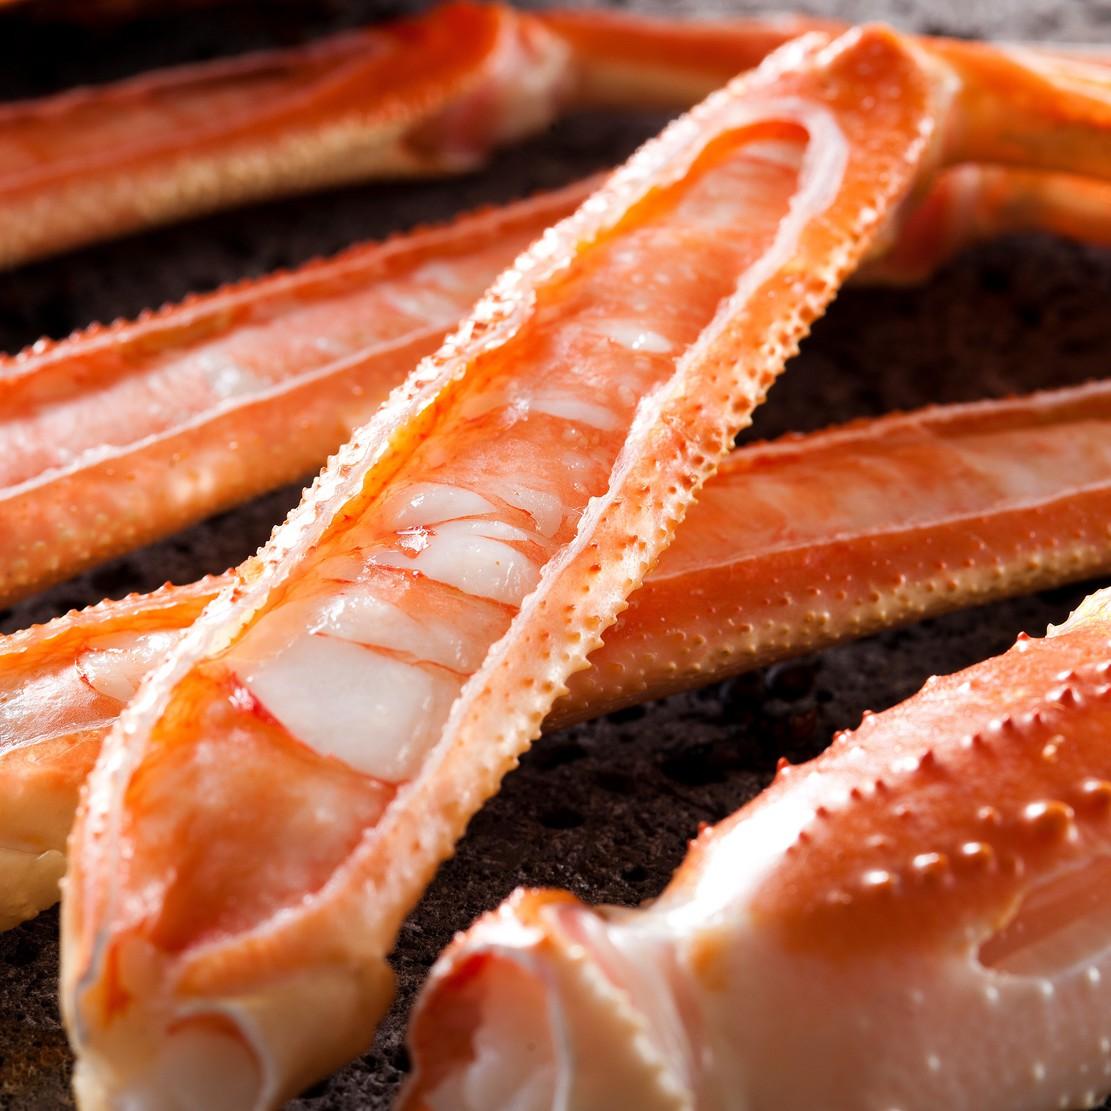 【★タグ付香住蟹★+遊コース】やっぱりカニを囲むとテンションUP♪一人一匹人気上昇中の香住蟹をぜひ★